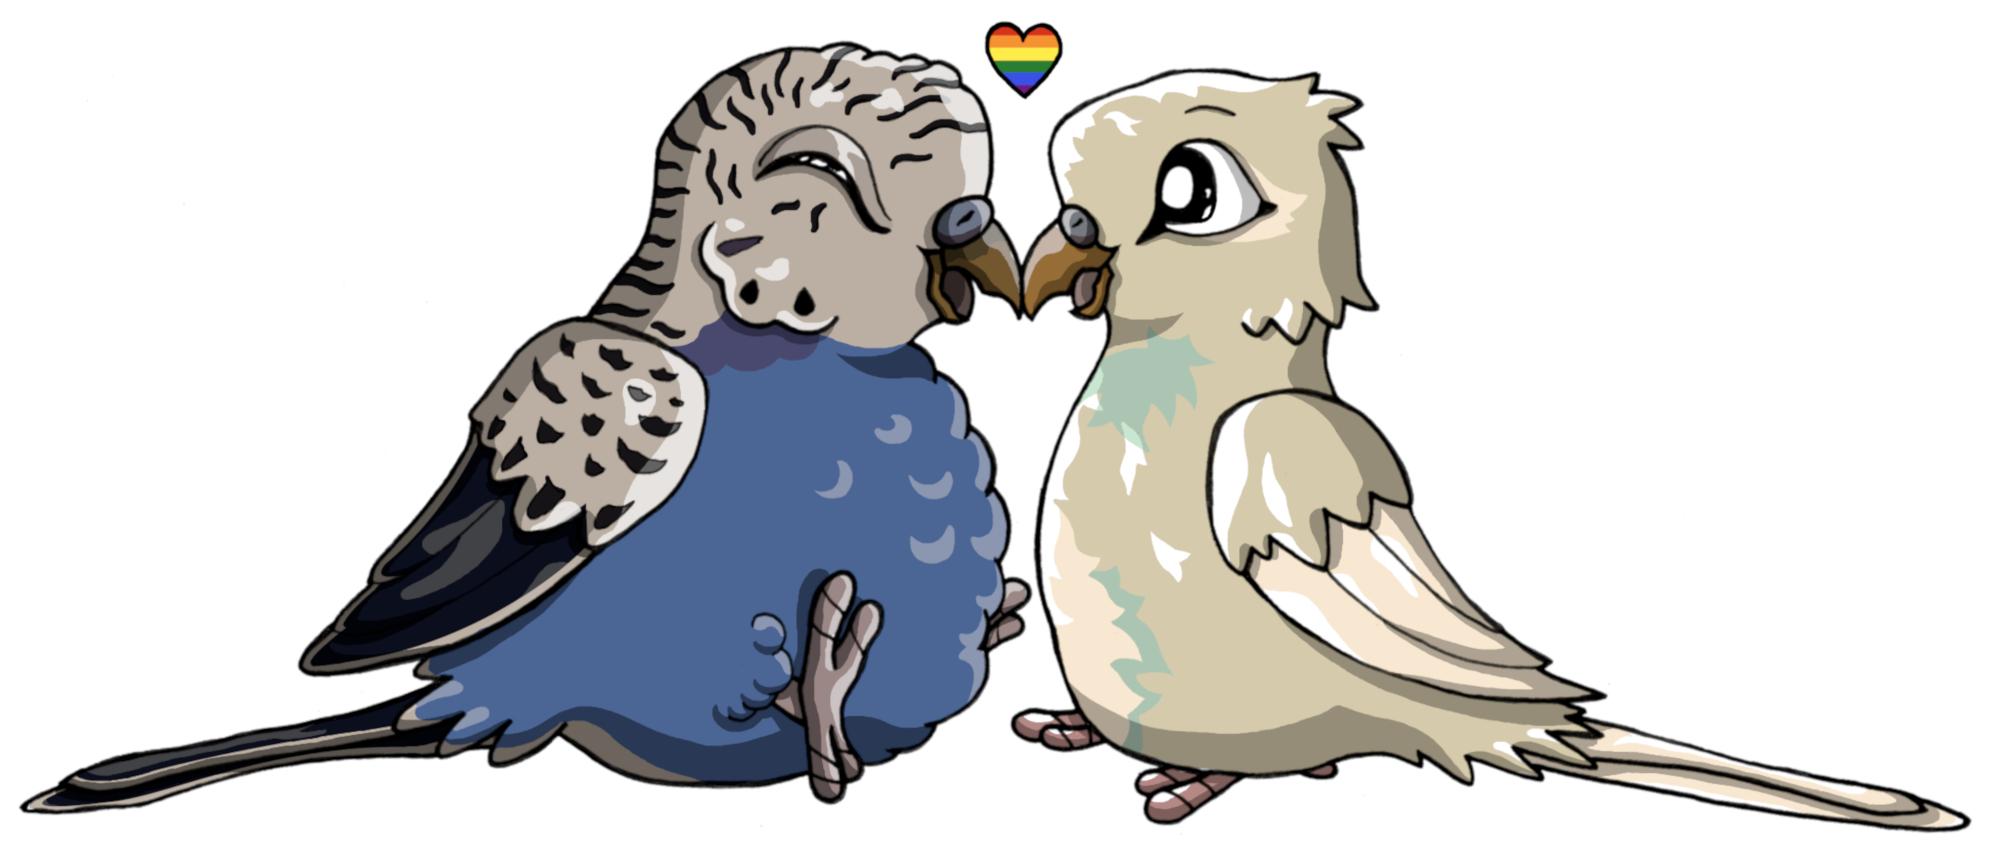 Pokémon-Zeichnung: Sky Bird and Moon Bird